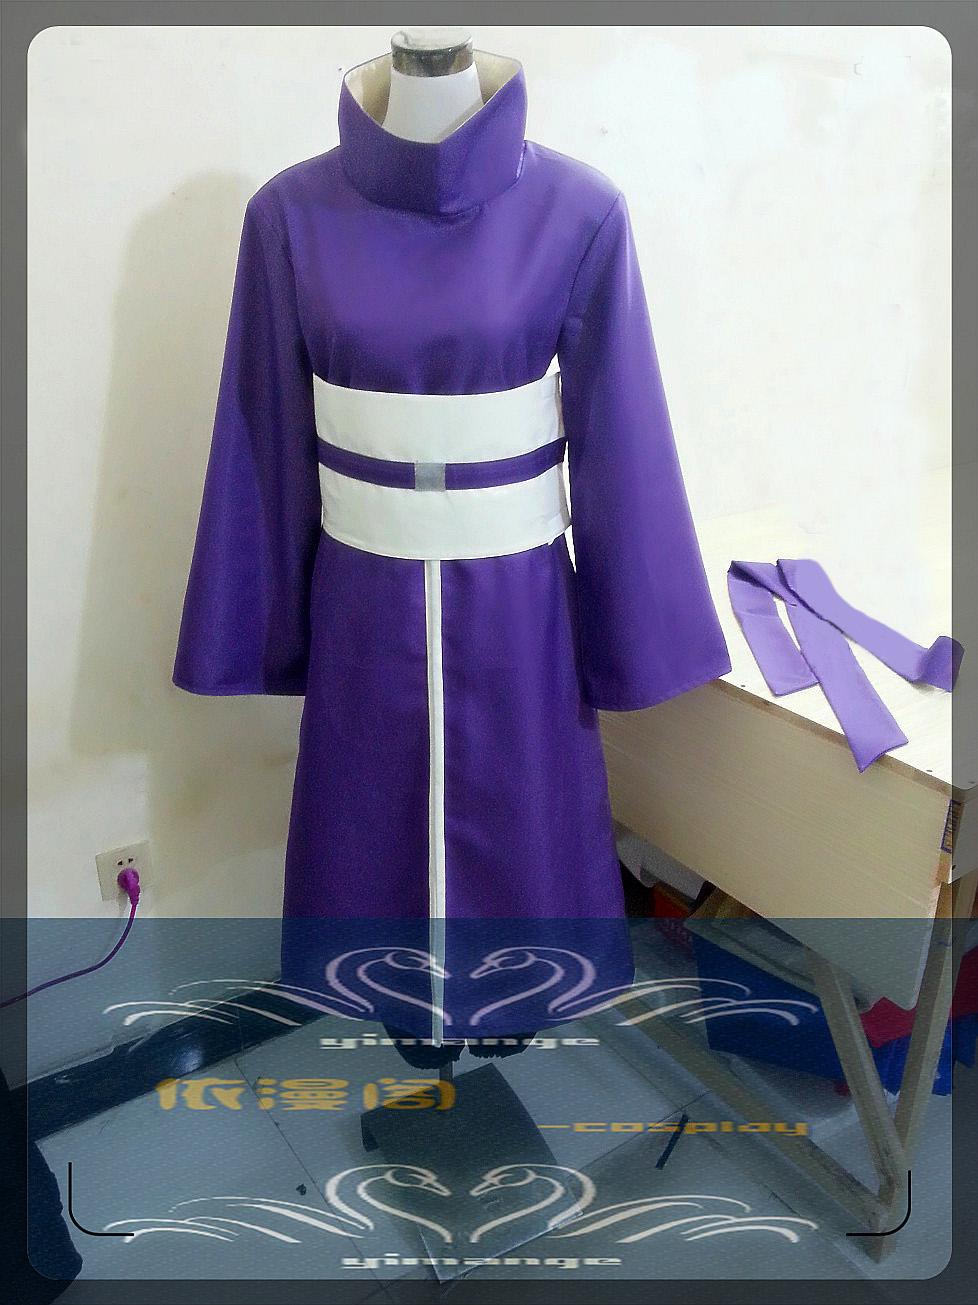 Naruto Uchiha Madara Uchiha Obito Cosplay Costume